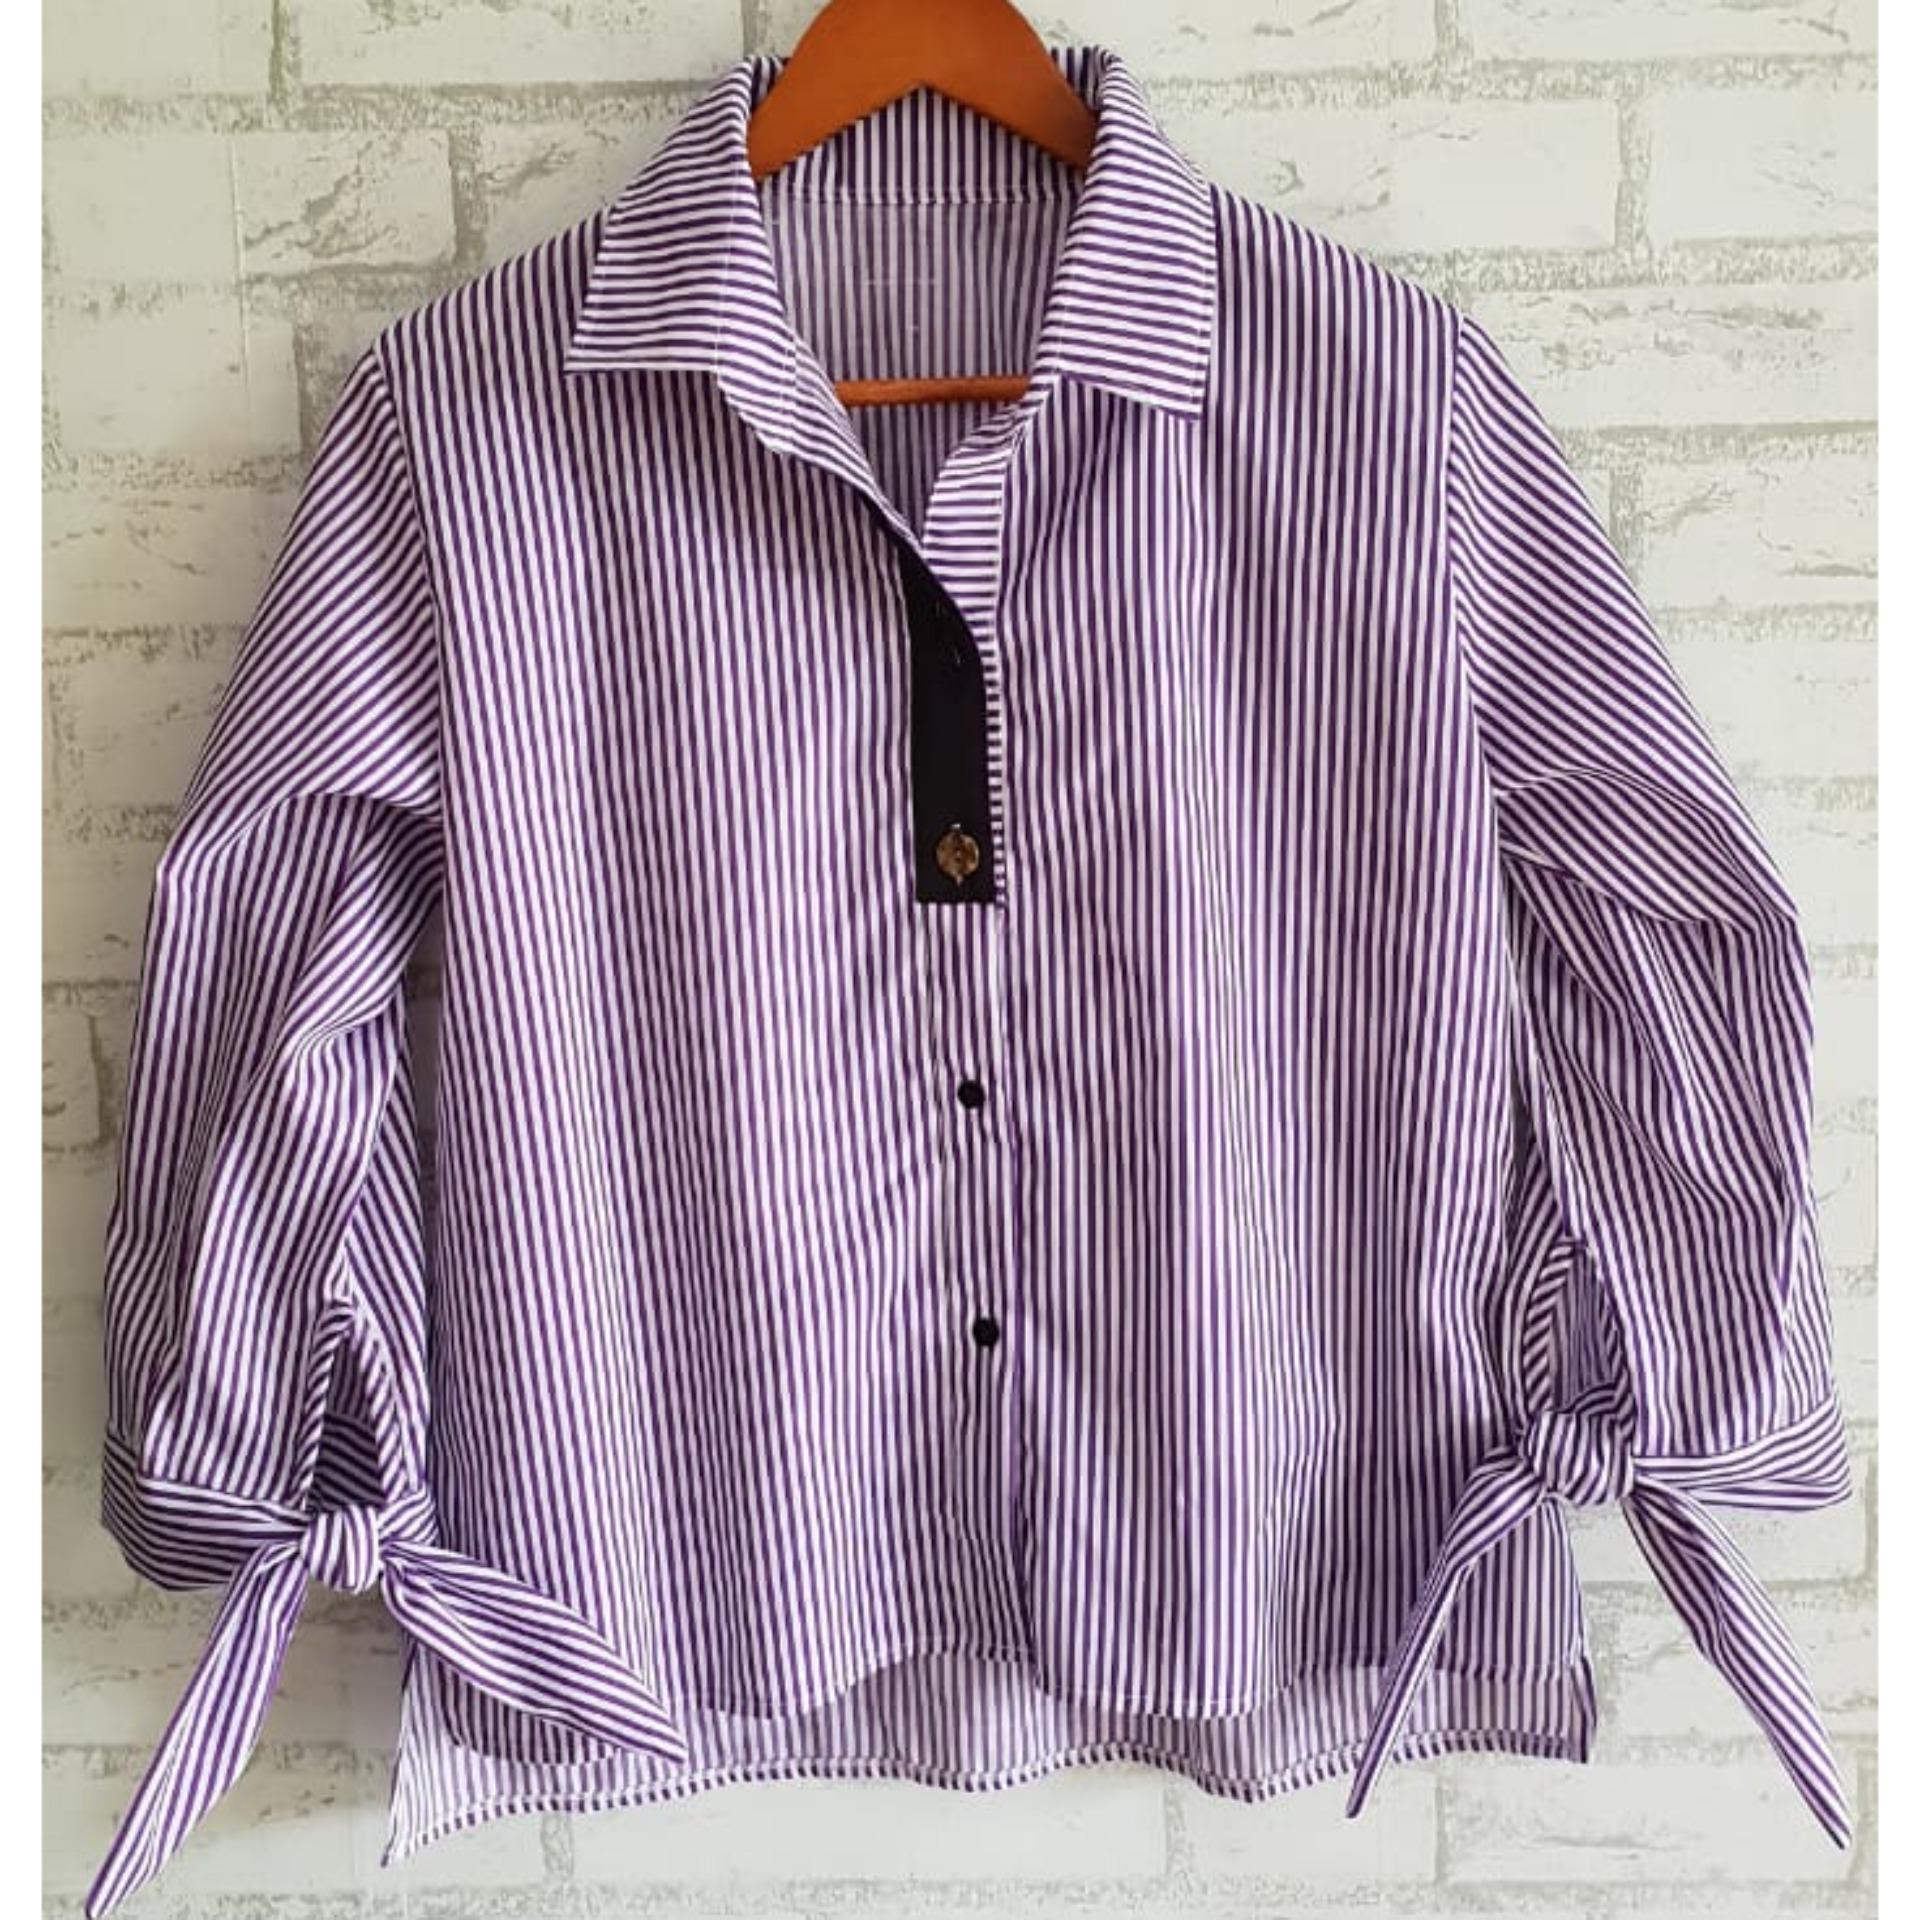 Suki - Kemeja Wanita   Atasan Jumbo Wanita   Shirt   Kemeja Wanita Electaa  LVL 575206e64f